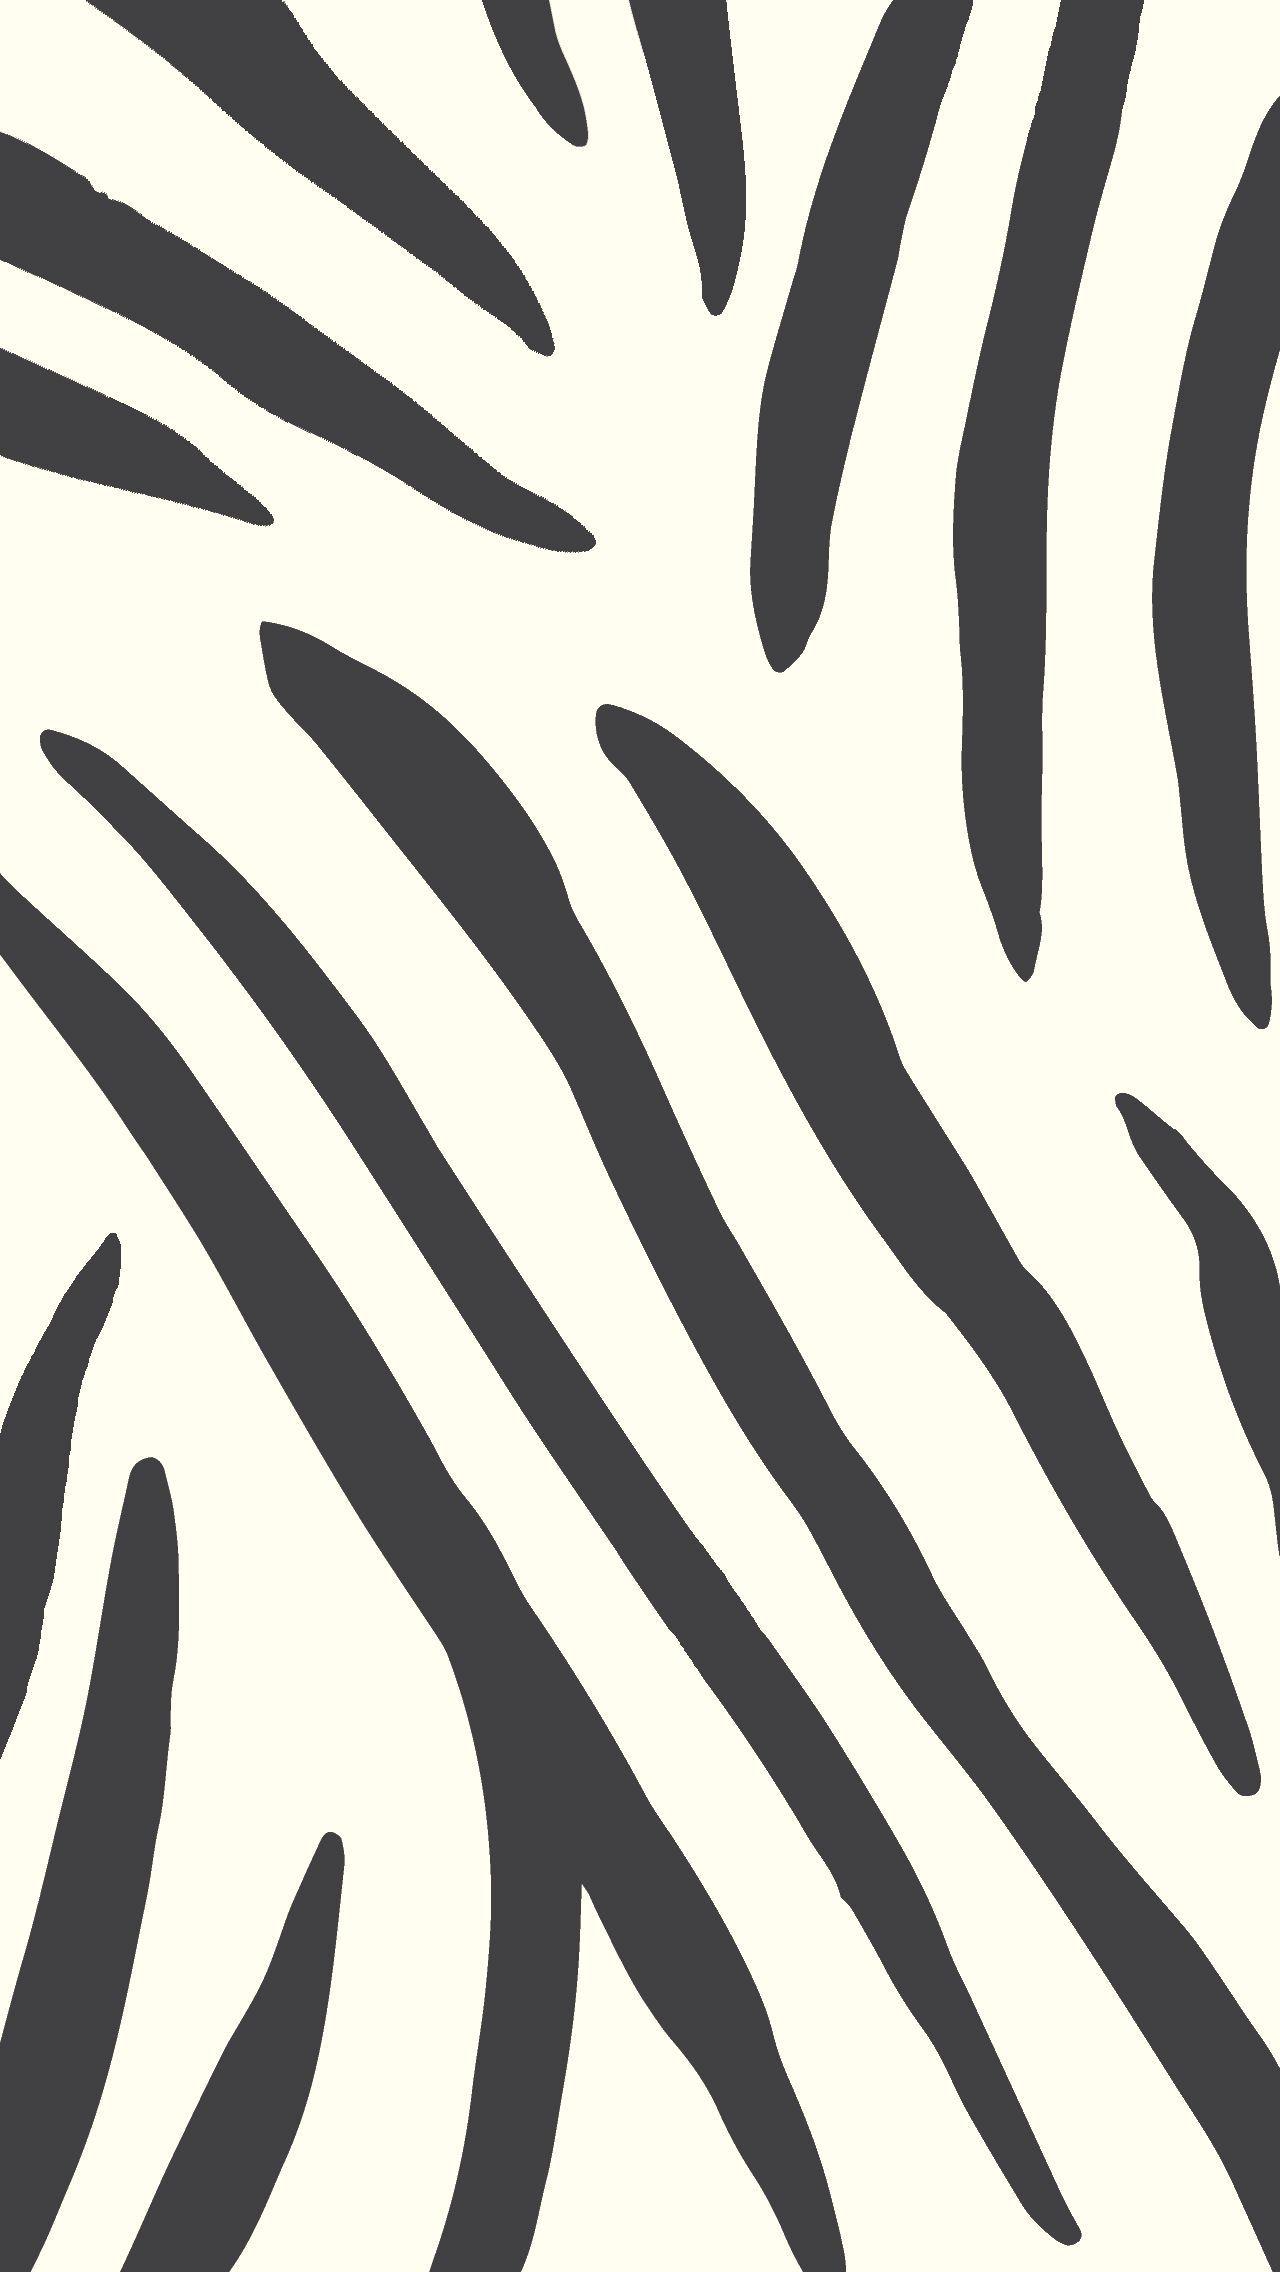 Zebra Print Free Wallpaper Fondos De Pantalla Para Descargar Gratis Ponga Sus Manos Sobre Un Fo Animal Print Wallpaper Zebra Print Wallpaper Zebra Wallpaper